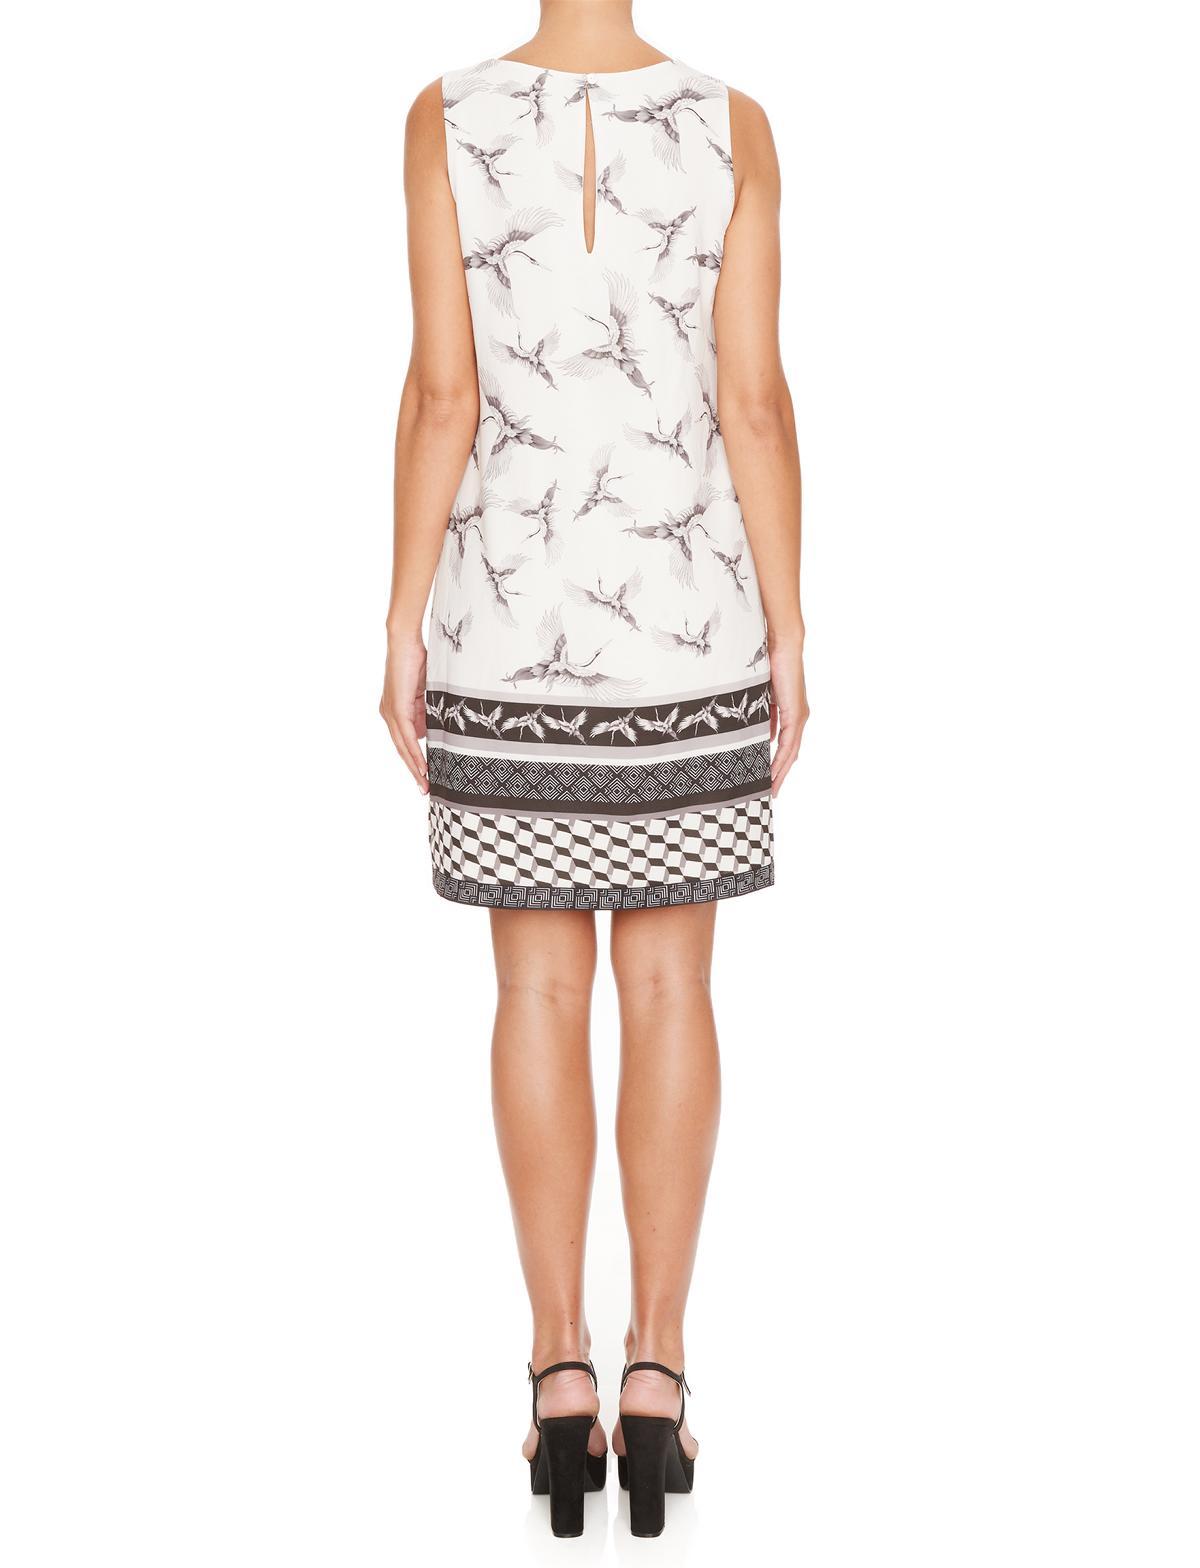 Rückansicht von Ana Alcazar A-Linien Kleid  Meilea White  angezogen an Model